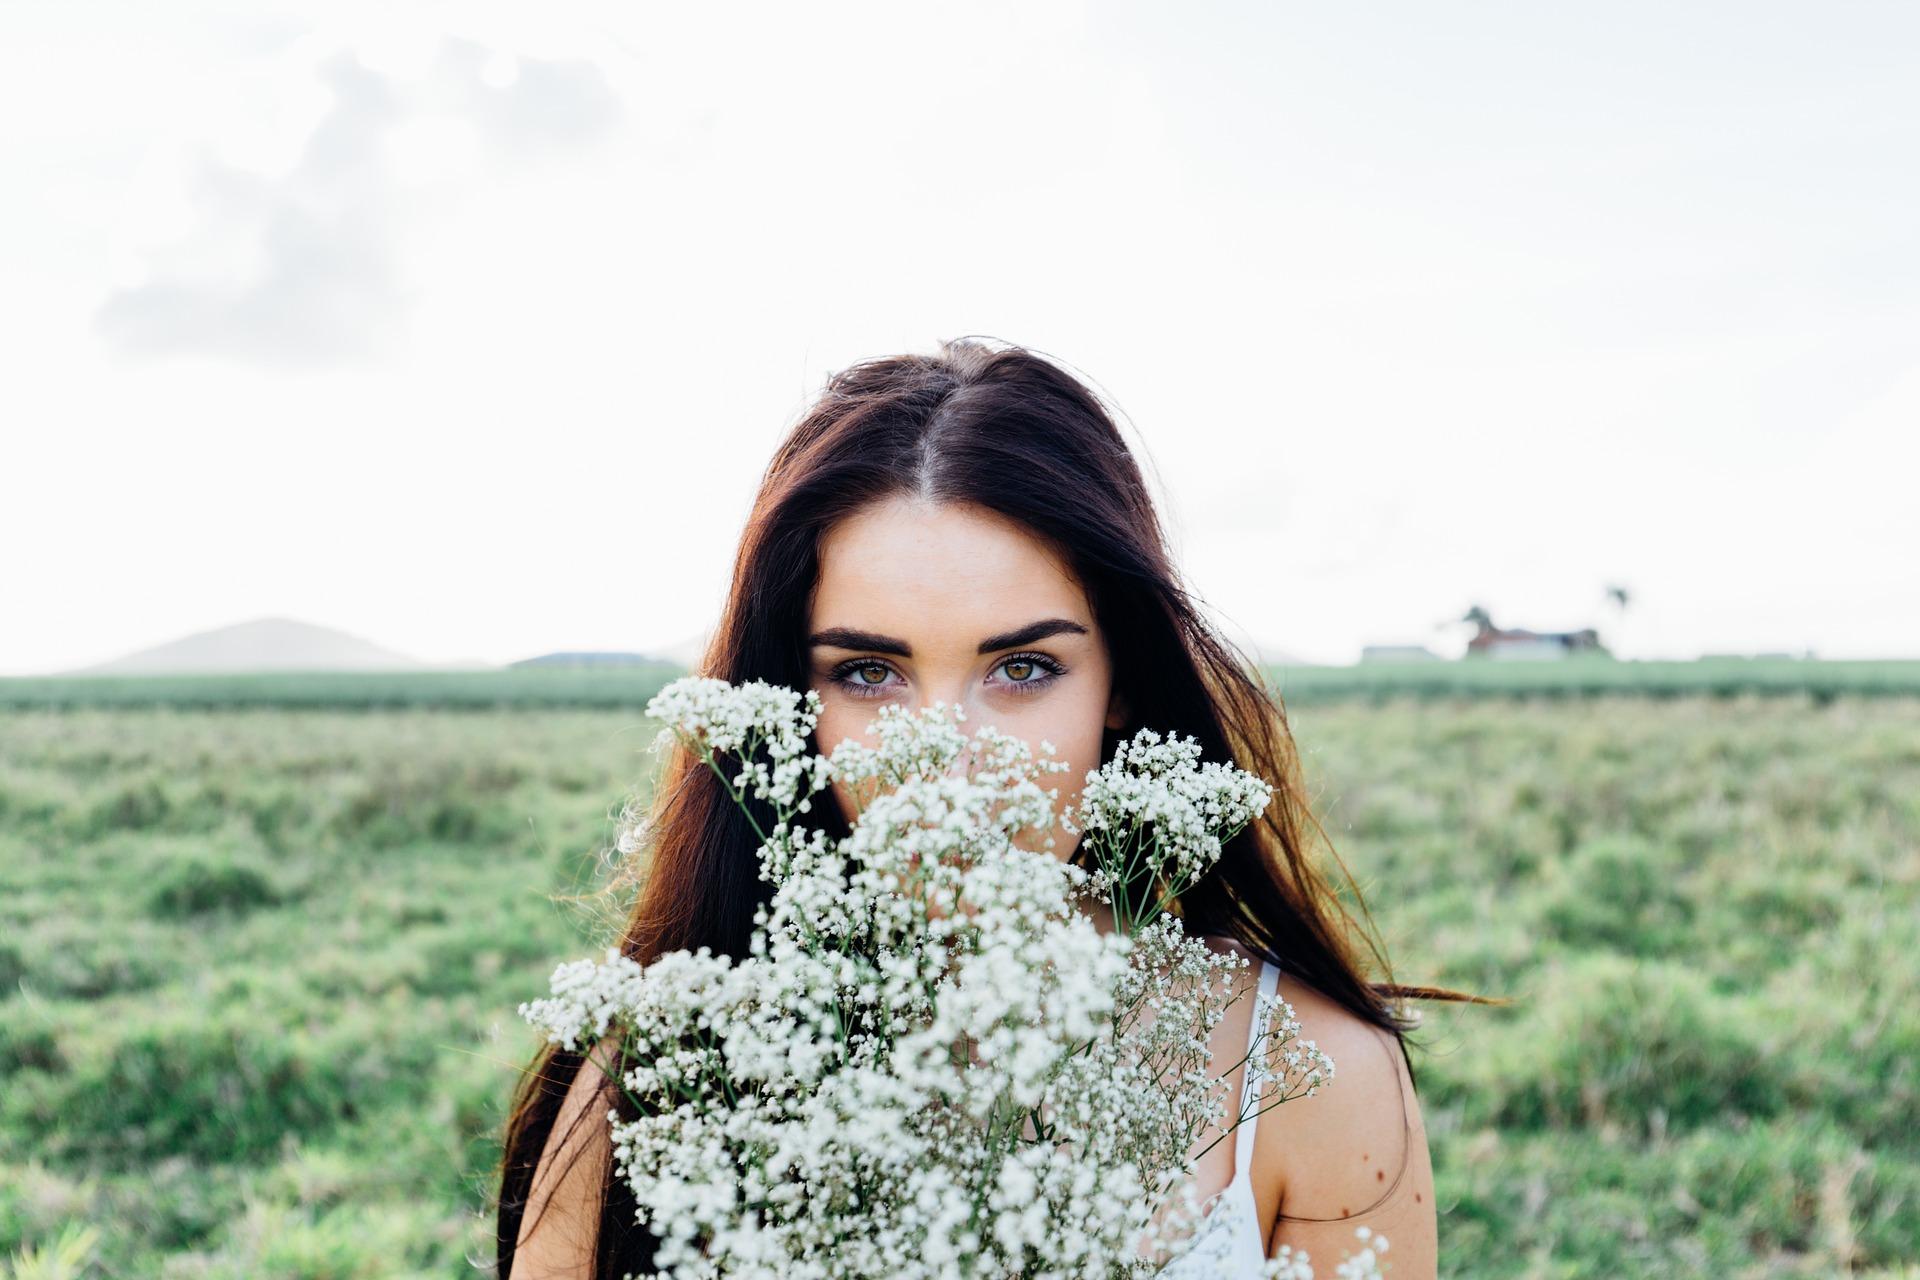 จิตวิทยามัดใจเธอและเขาด้วยดอกไม้